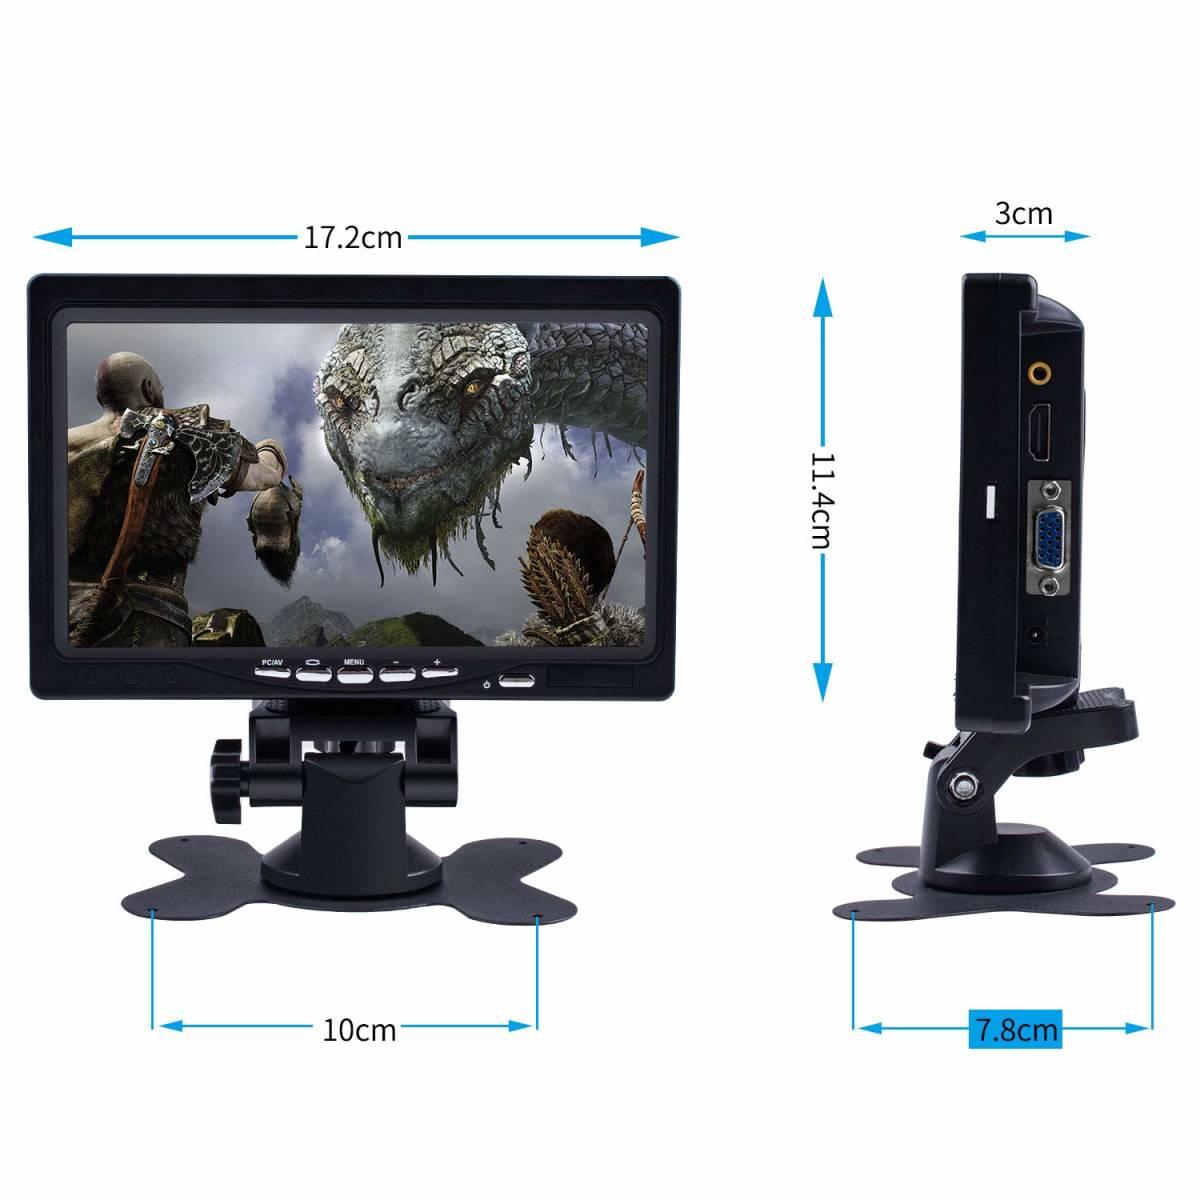 7インチ モニター 小型 1024*600高解像度 HDMI VGA AVポート TFT LED CCTV IPSパネル PCディスプレイ スピーカー内蔵 リモコン 新品未使用_画像2